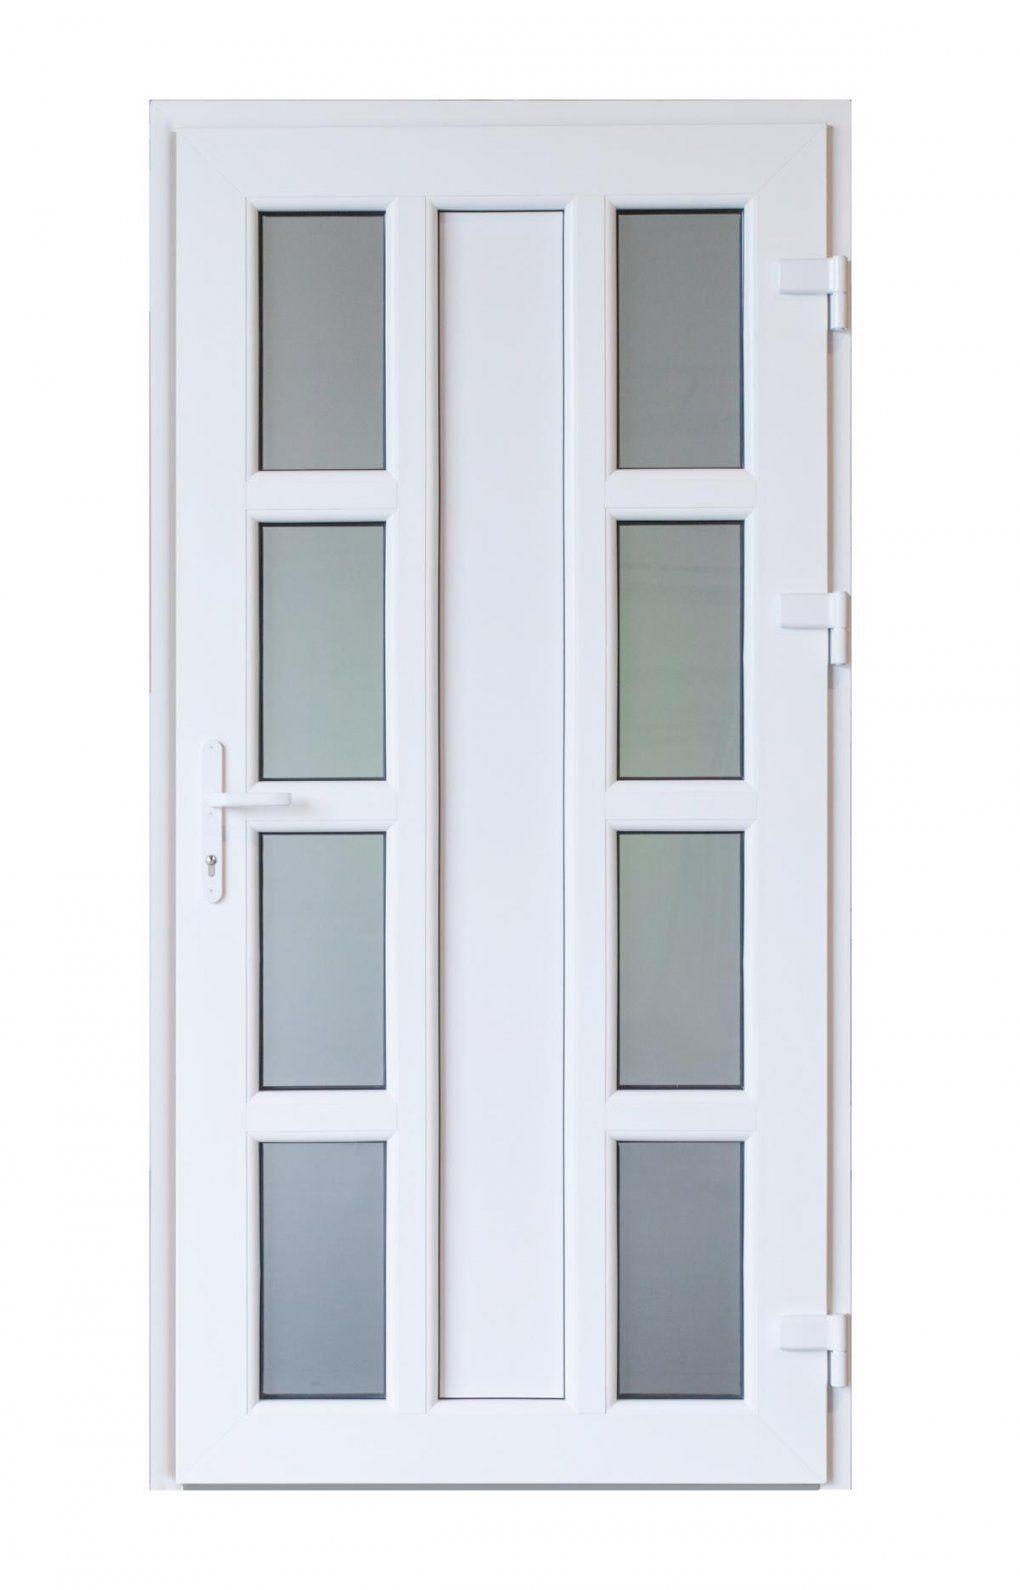 Türen Aus Polen Online Kaufen  Fensterweltengmbh von Haustüren Nach Maß Polen Bild